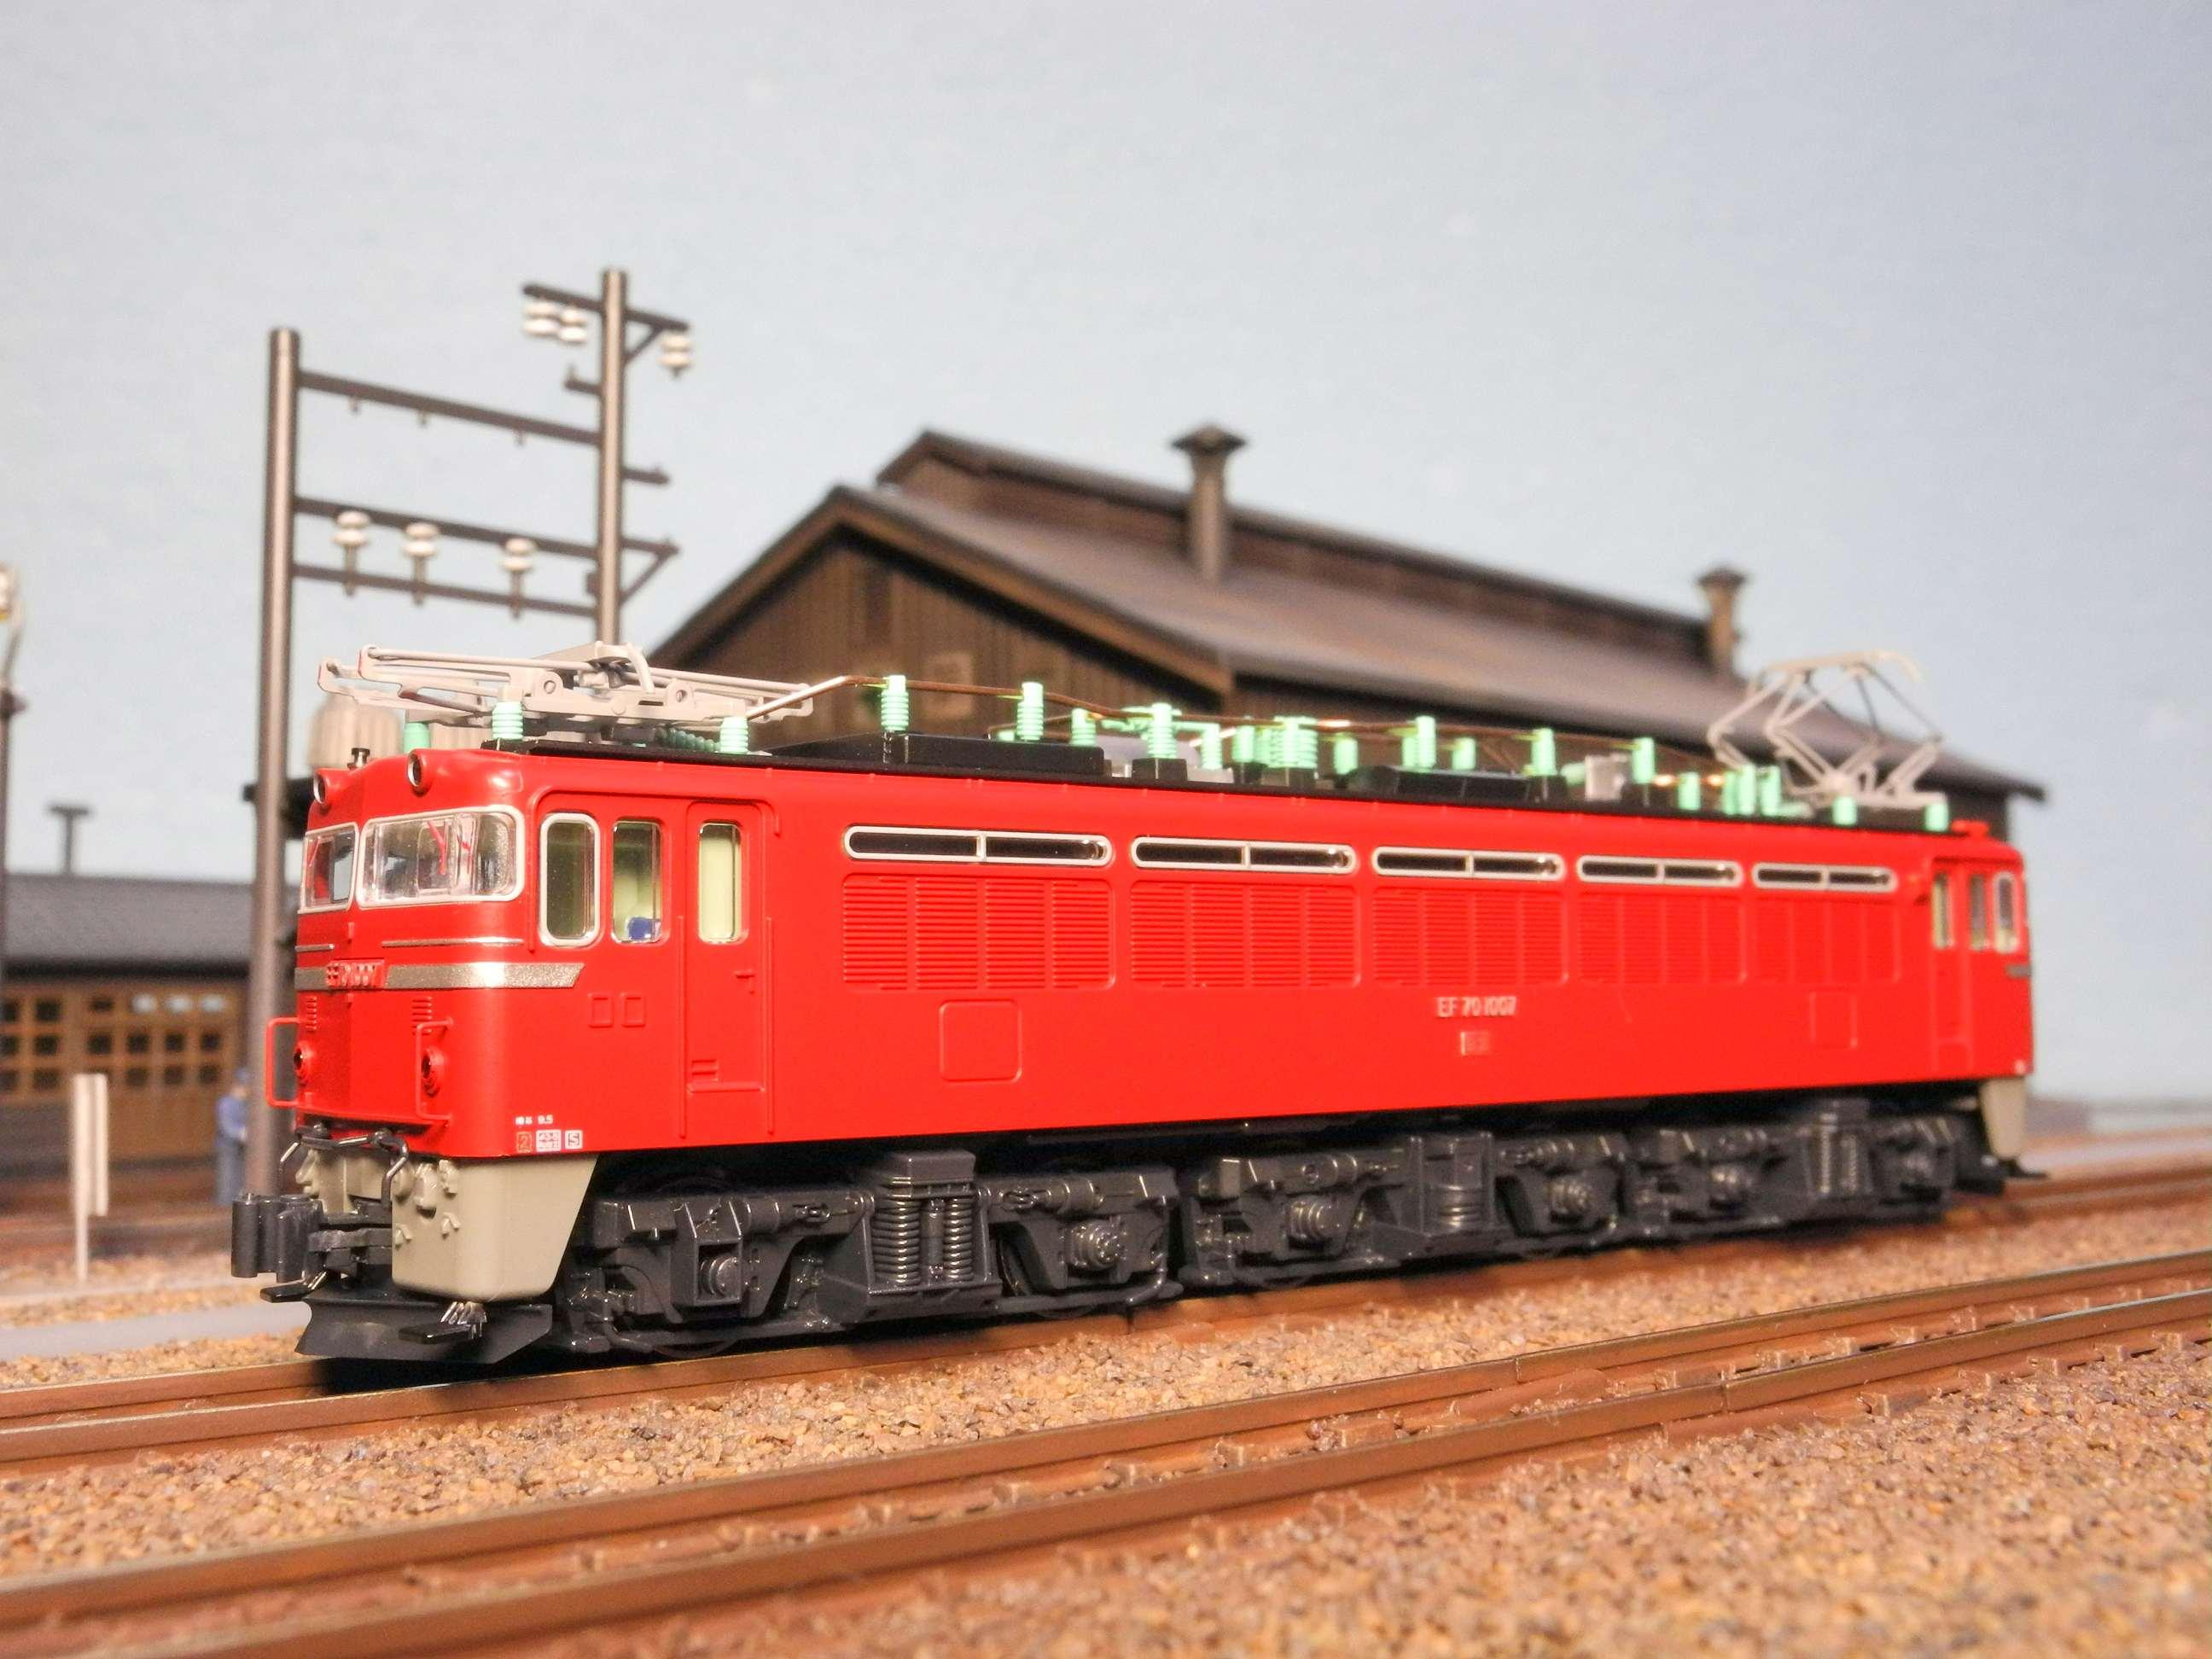 DSCN8011-1.jpg